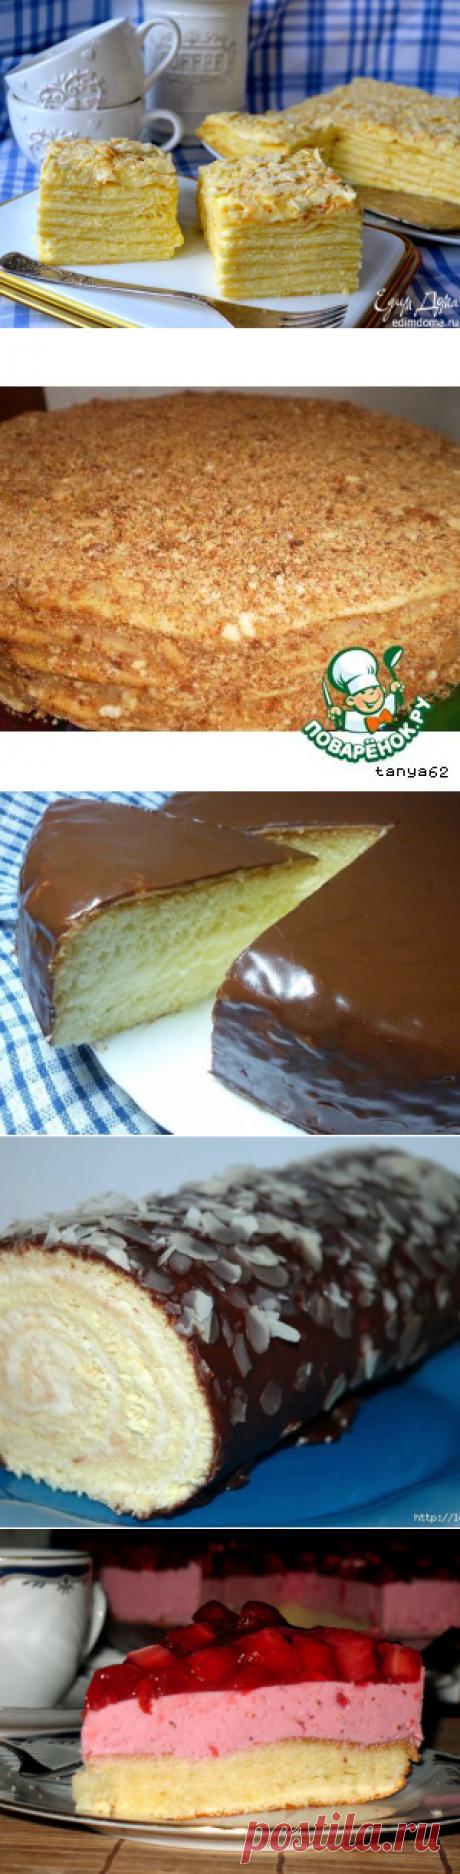 Тортики Крем Рулет Кекс | Фотографии и советы на Постиле